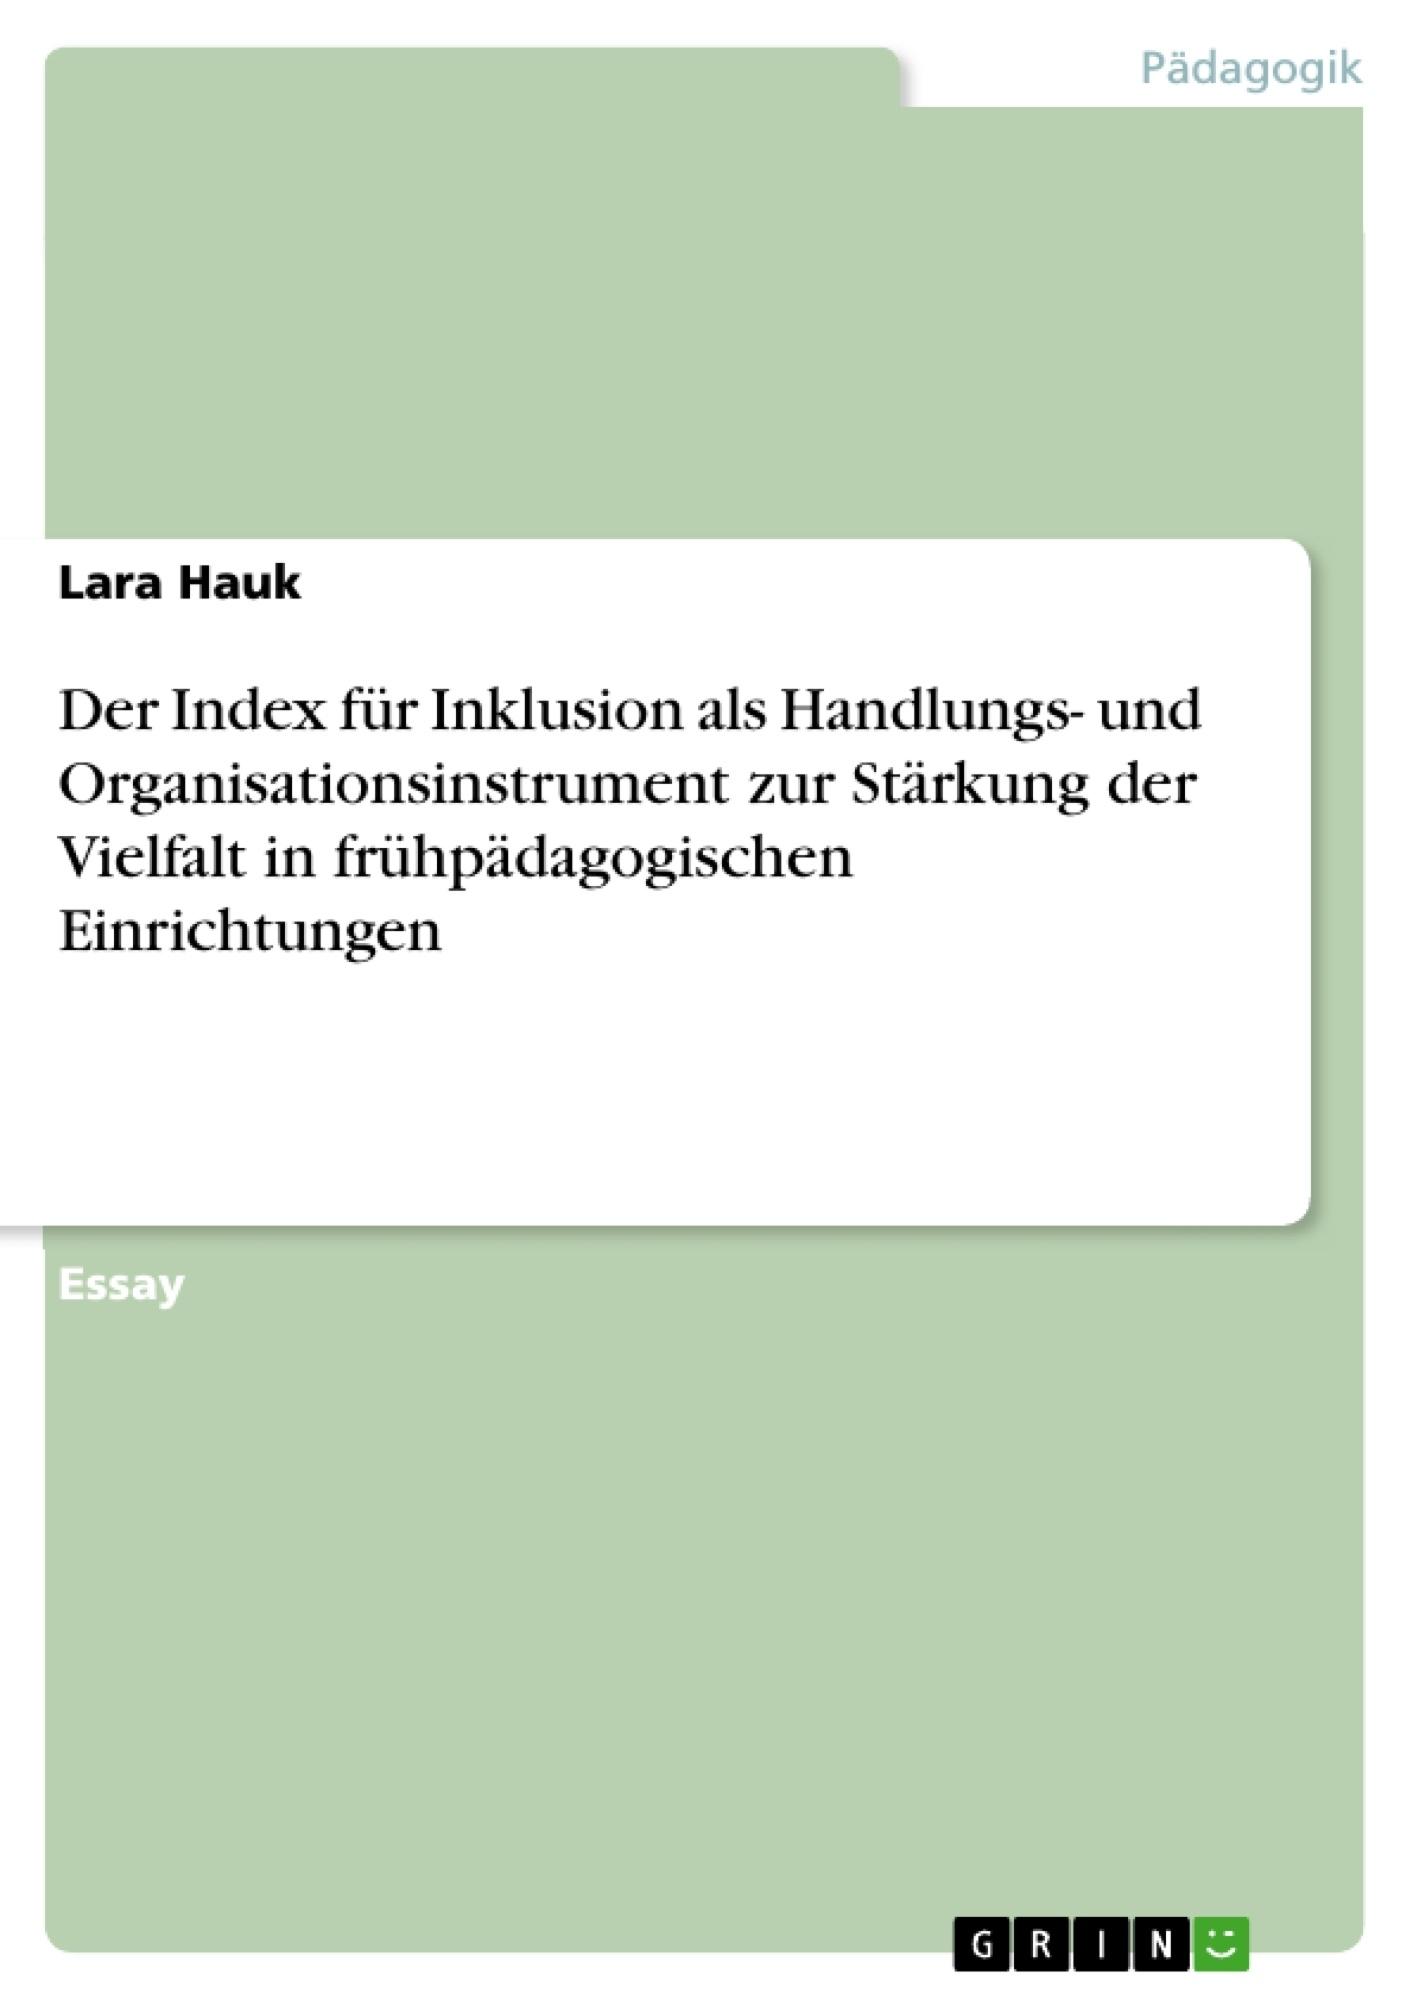 Titel: Der Index für Inklusion als Handlungs- und Organisationsinstrument zur Stärkung der Vielfalt in frühpädagogischen Einrichtungen